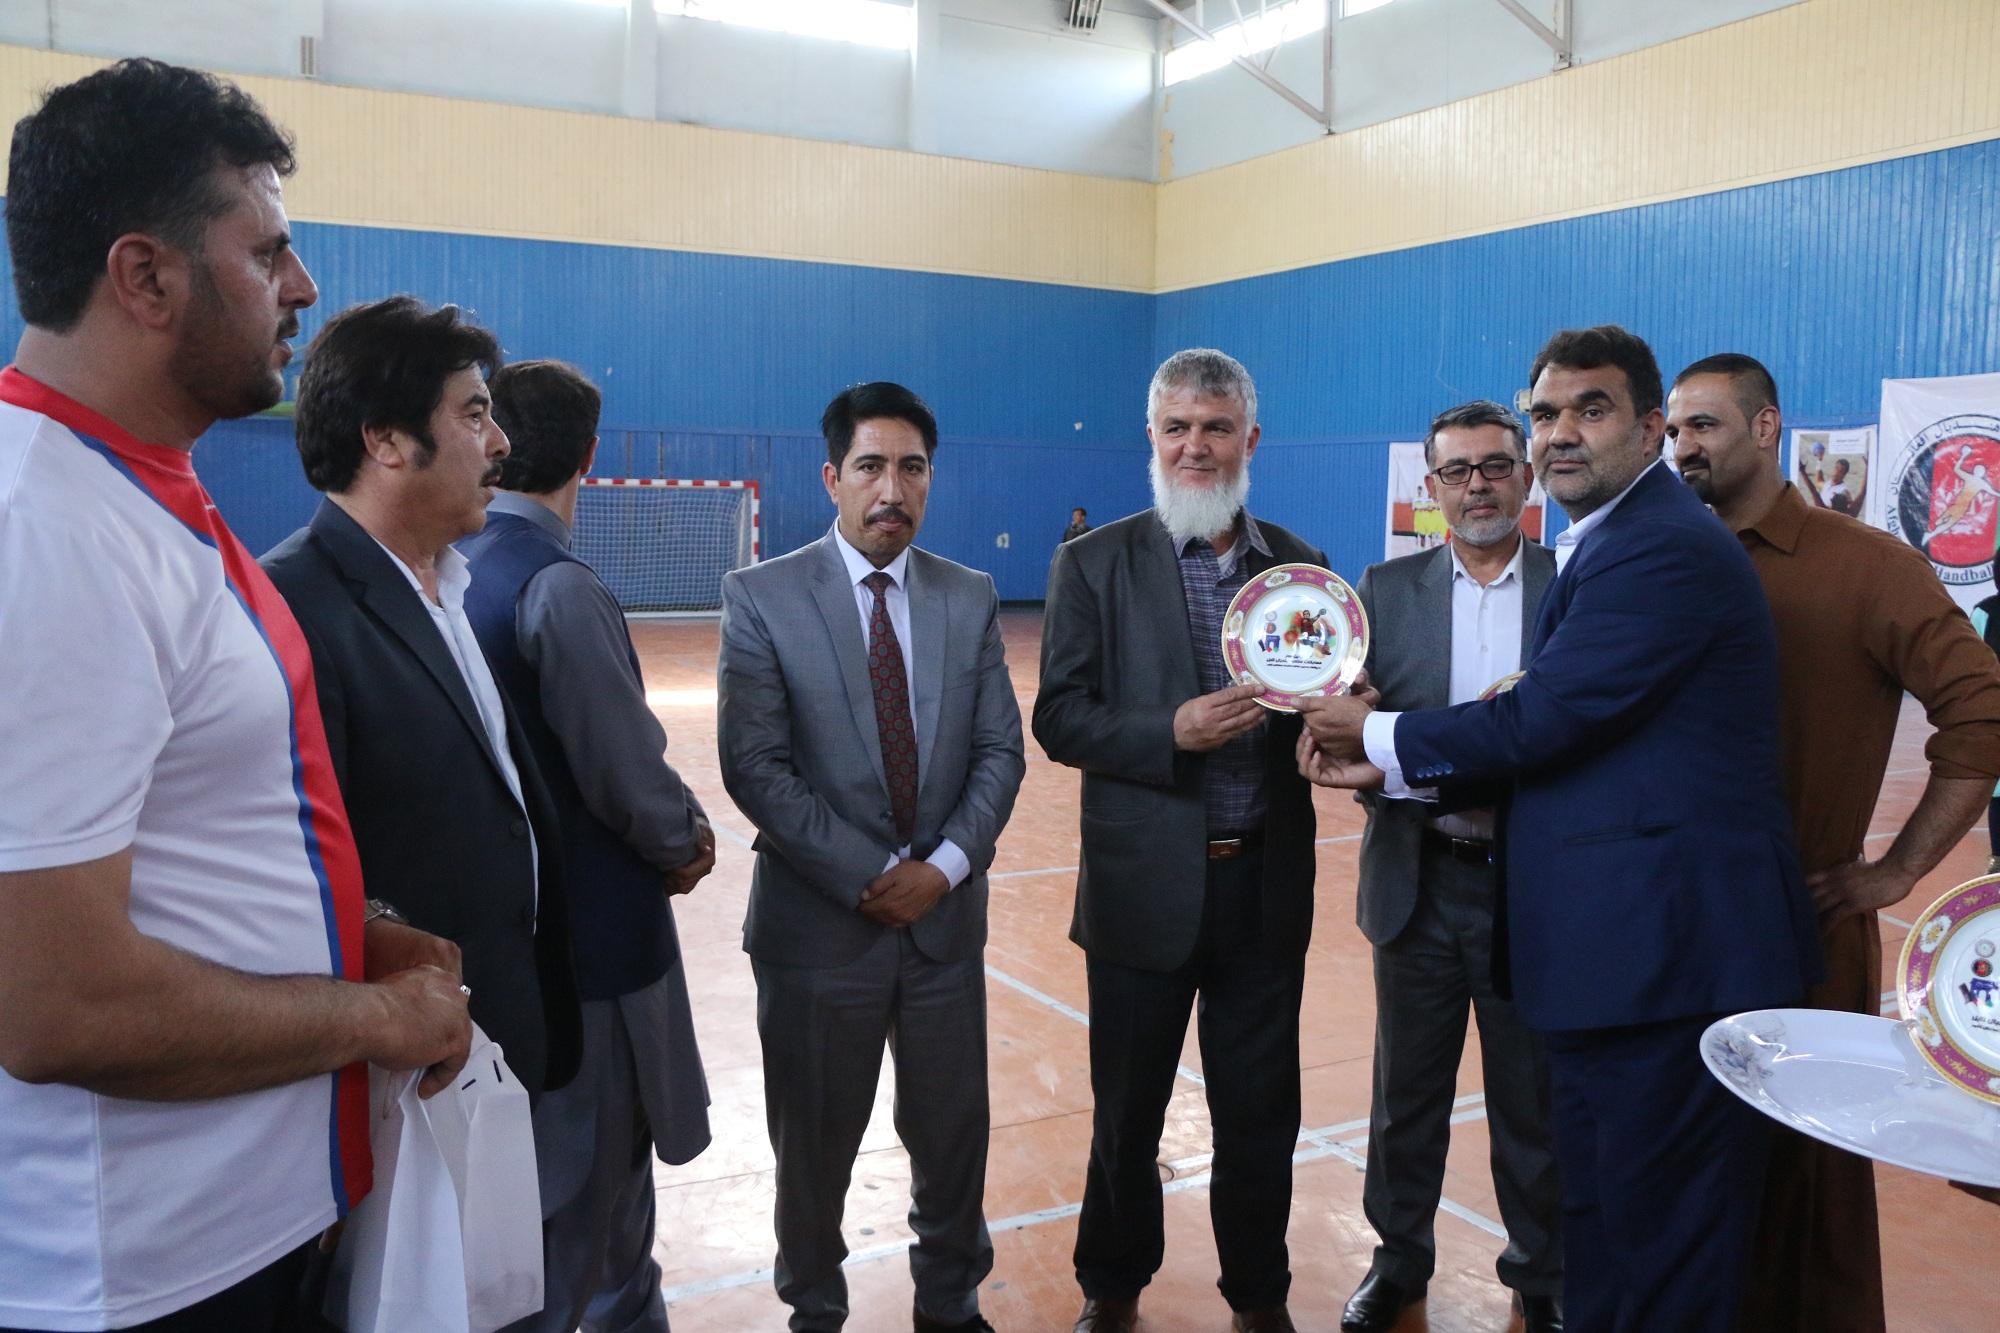 با پایان یافتن رقابتهای گزینشی هندبال ترکیب تیم های کابل الف و کابل ب اعلام شد.